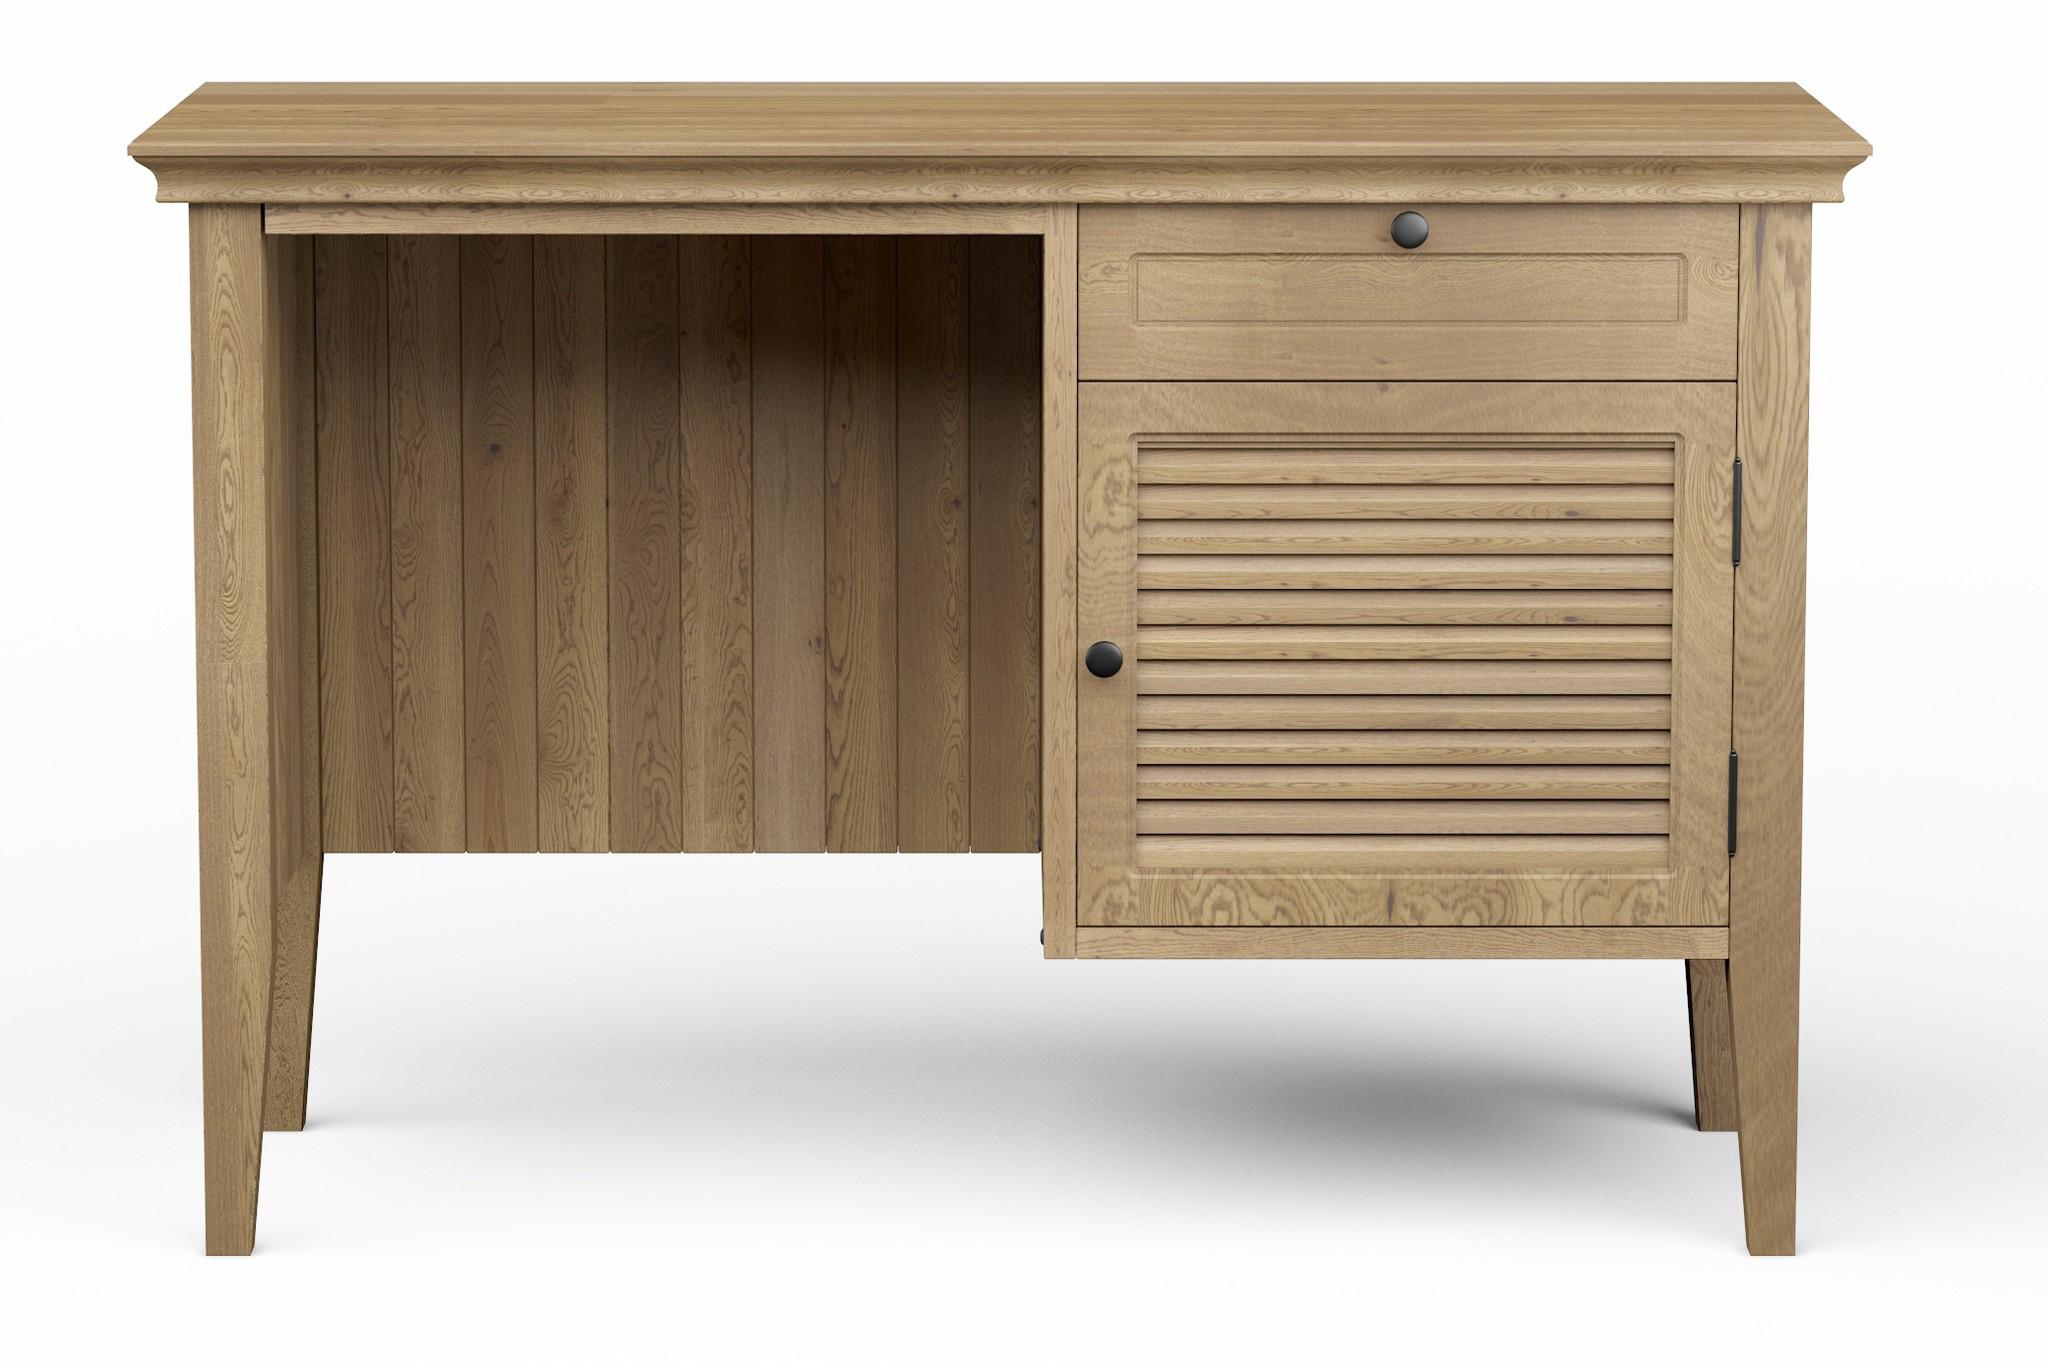 Письменный стол RanchПисьменные столы<br>Письменный стол &amp;quot;Ranch Midi Oak&amp;quot; полностью выполнен из массива натурального дуба. Мы специально немного уменьшили размеры стола, чтобы он мог найти себе достойное место в том числе в габаритах небольших квартир. Изменение цвета масла и размера возможно по пожеланиям заказчика. Сборка не требуется.<br><br>Material: Дуб<br>Ширина см: 105<br>Высота см: 70<br>Глубина см: 45